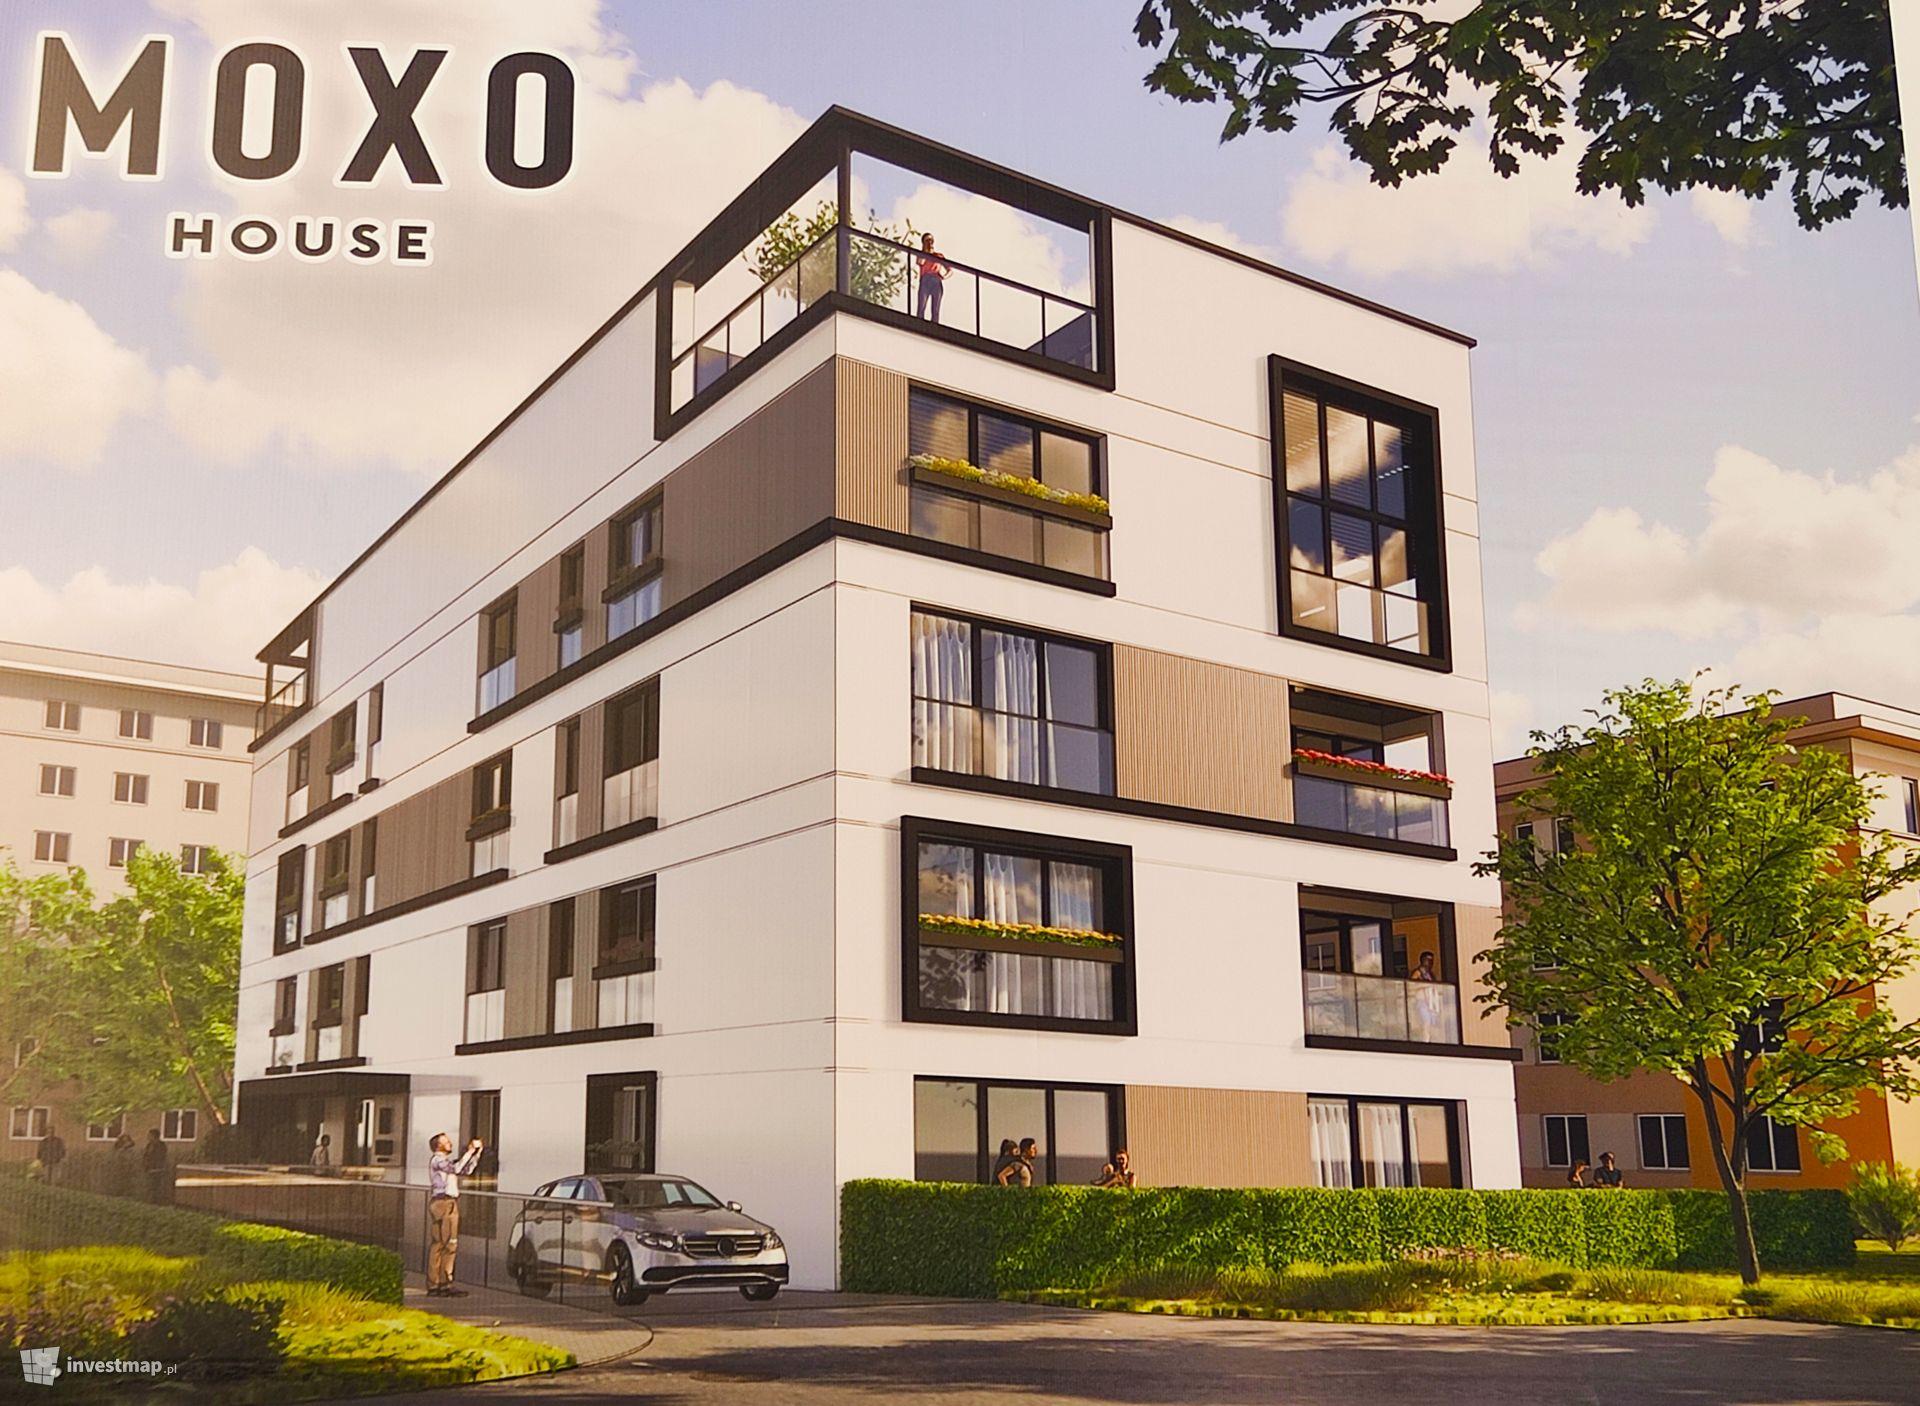 Moxo House